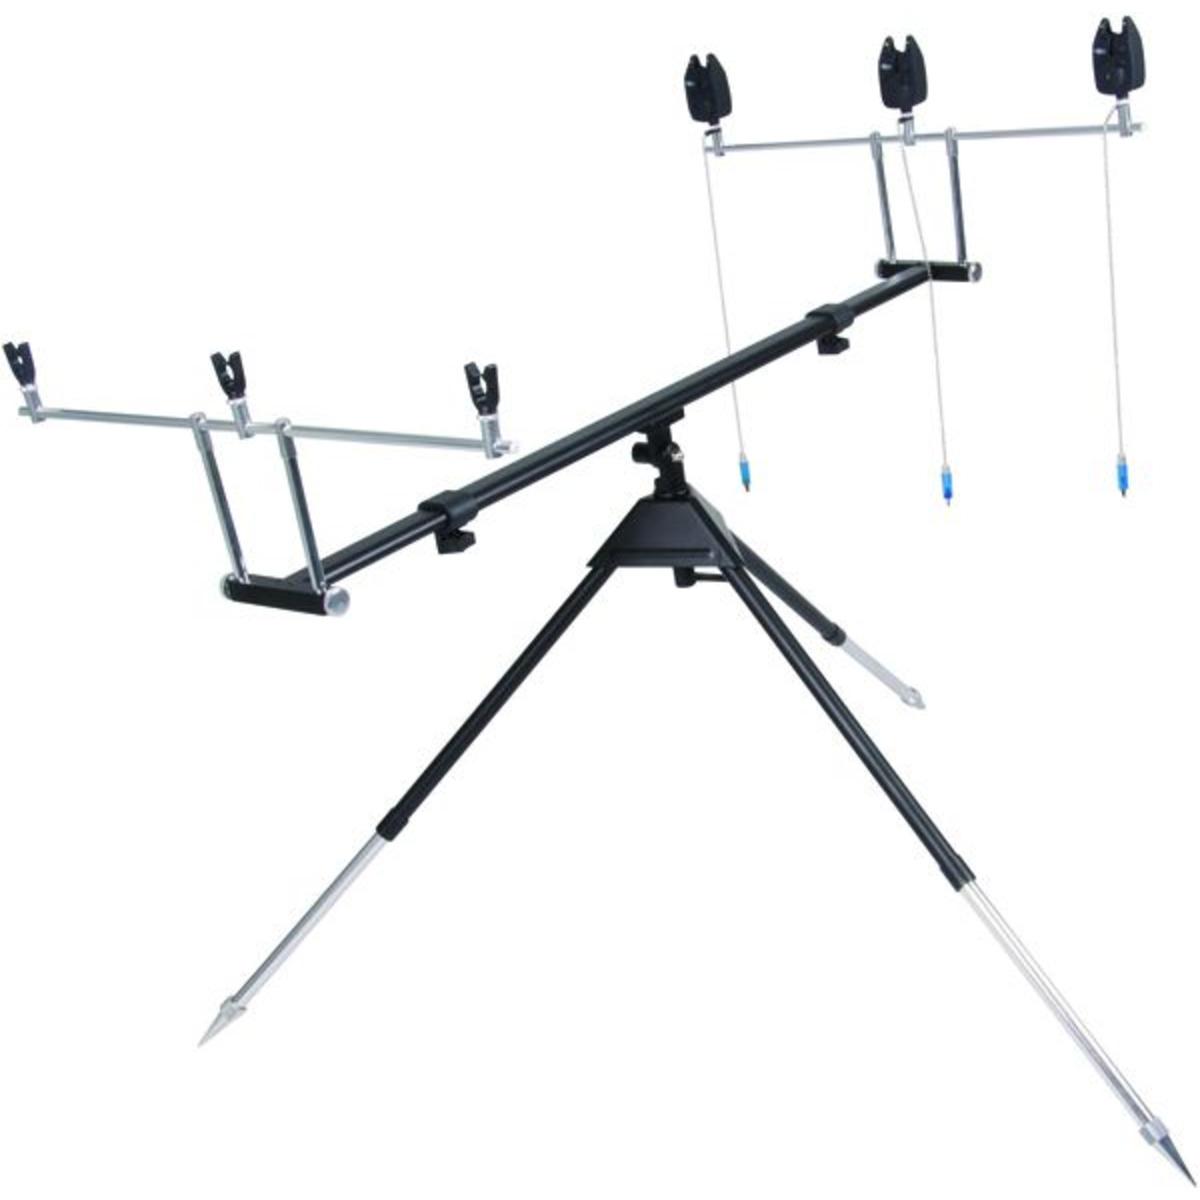 Carp Spirit Rod Pod Kit 3 Rods - Colore Black